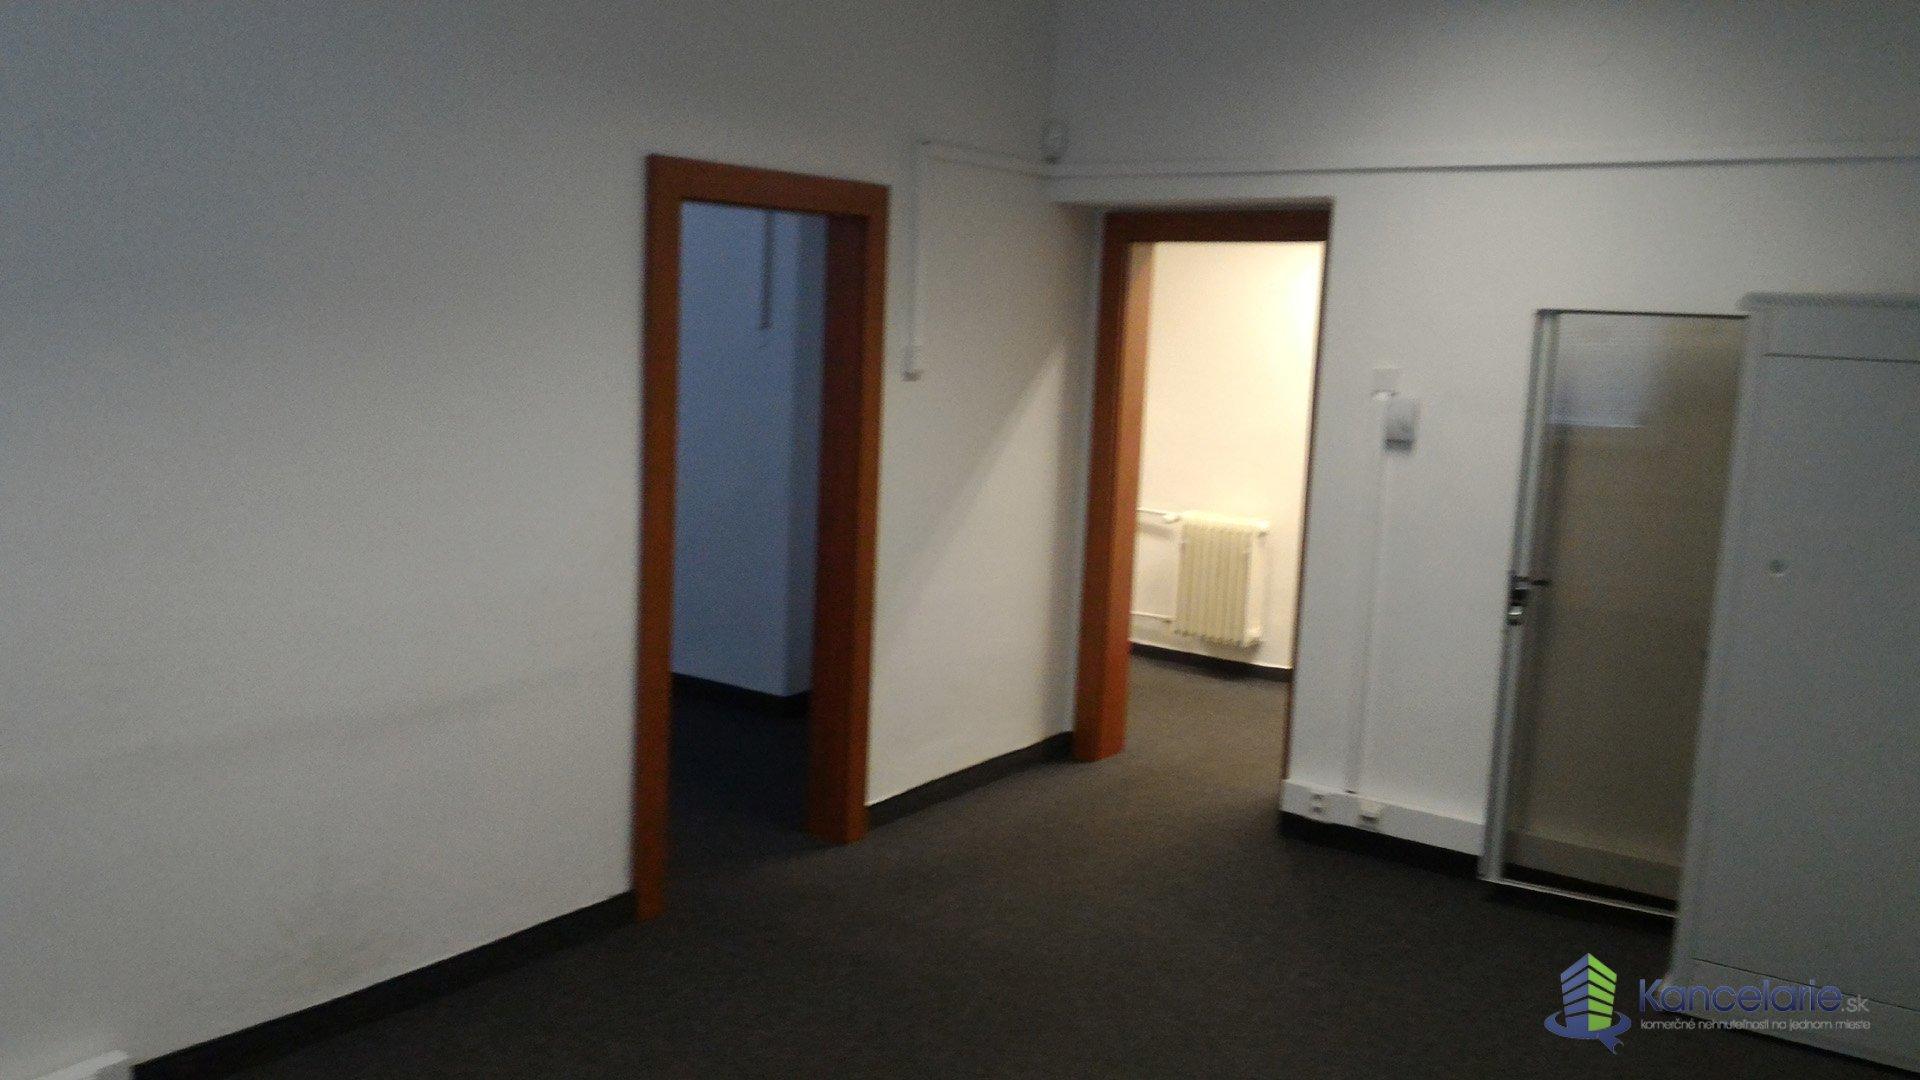 ZSVTS, Kancelárie vhodné pre notára, exekútora, Koceľova 15, Bratislava